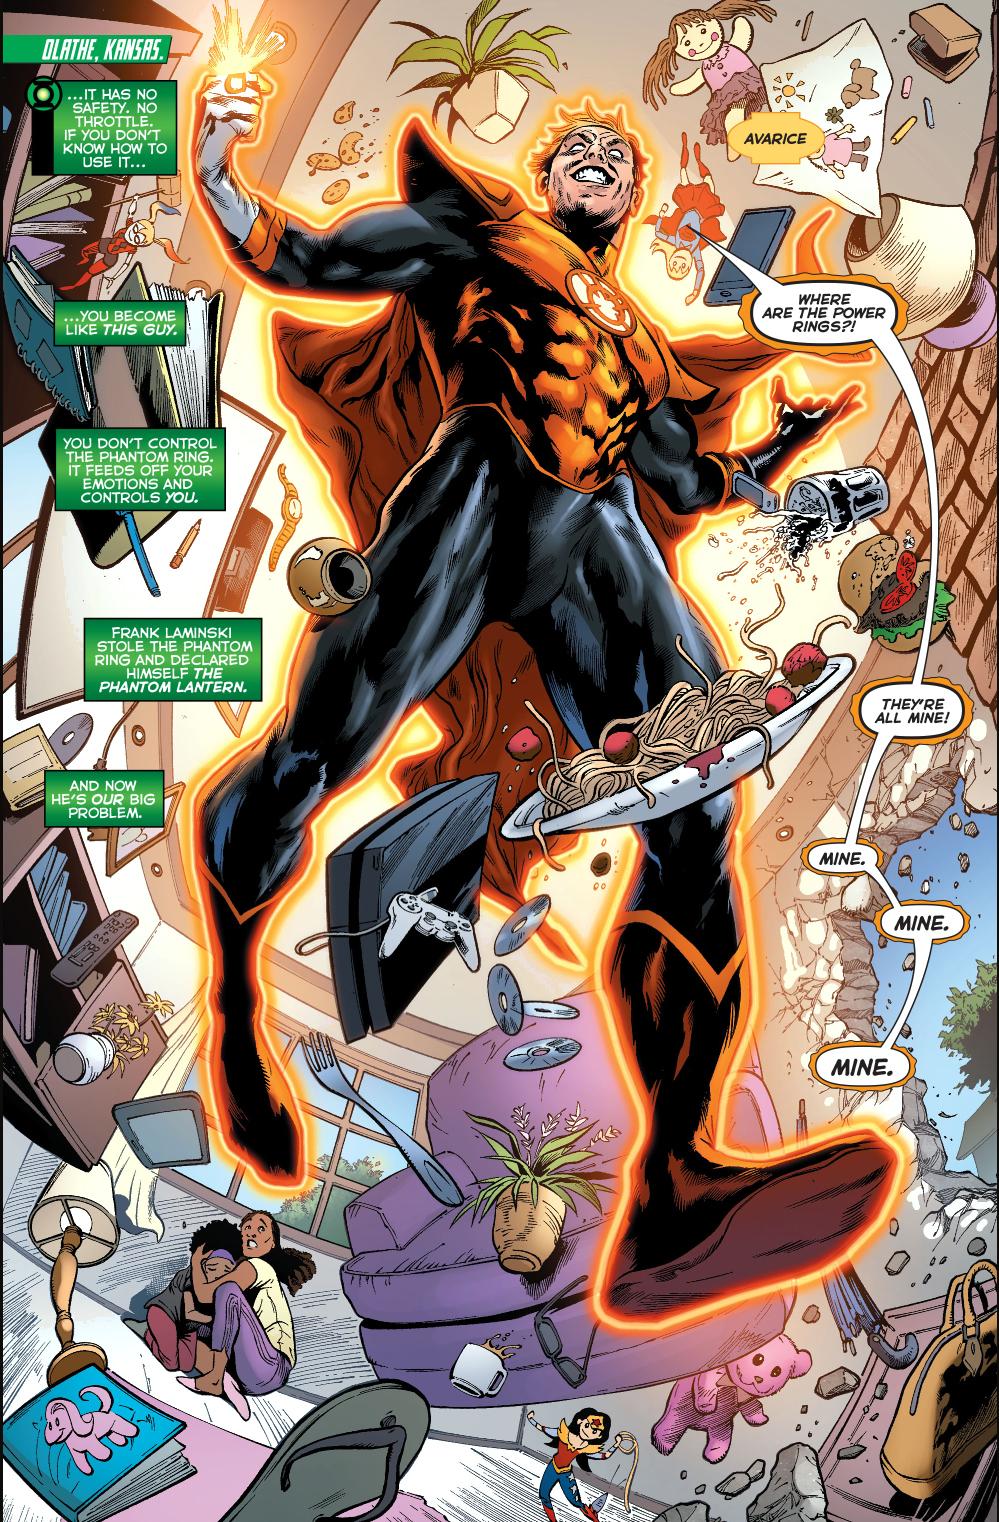 green-lanterns-vs-an-orange-phantom-lantern